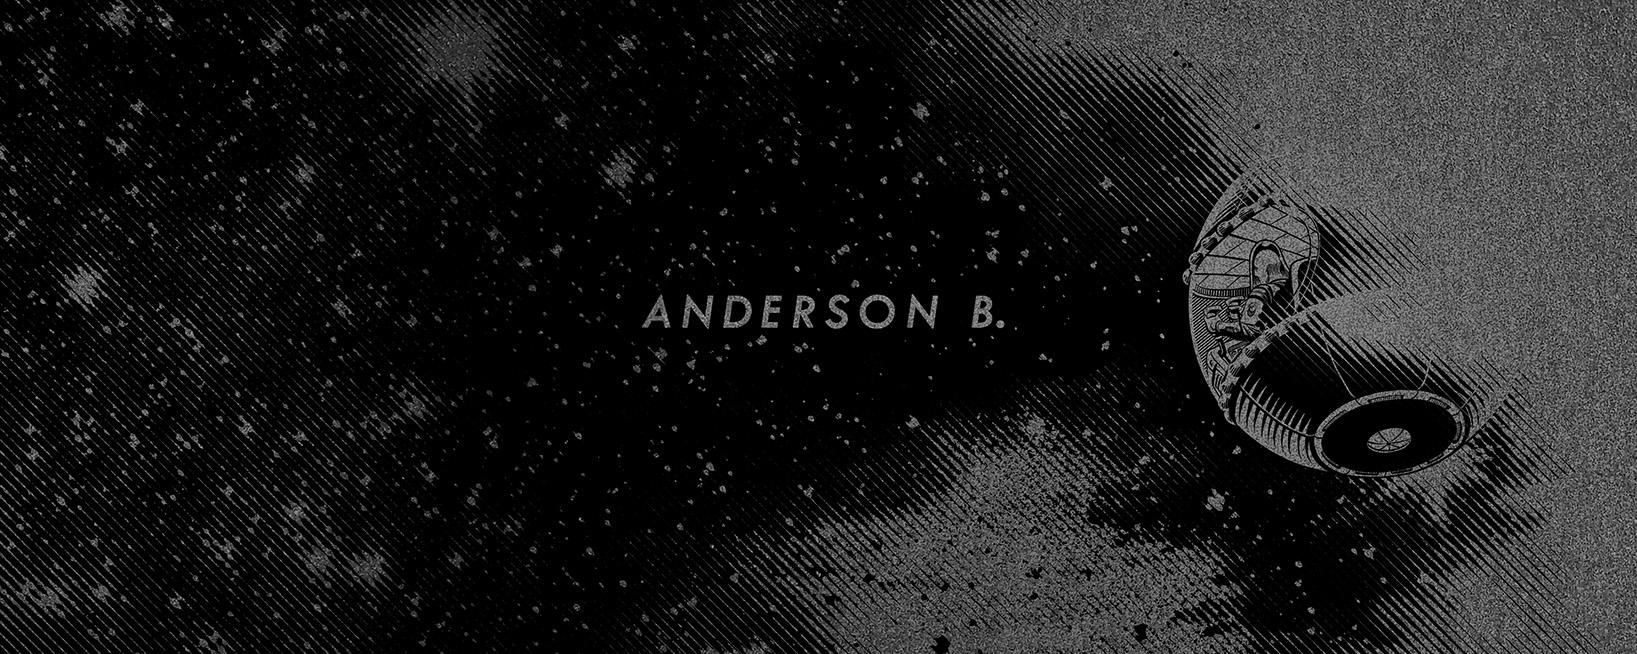 Anderson B.